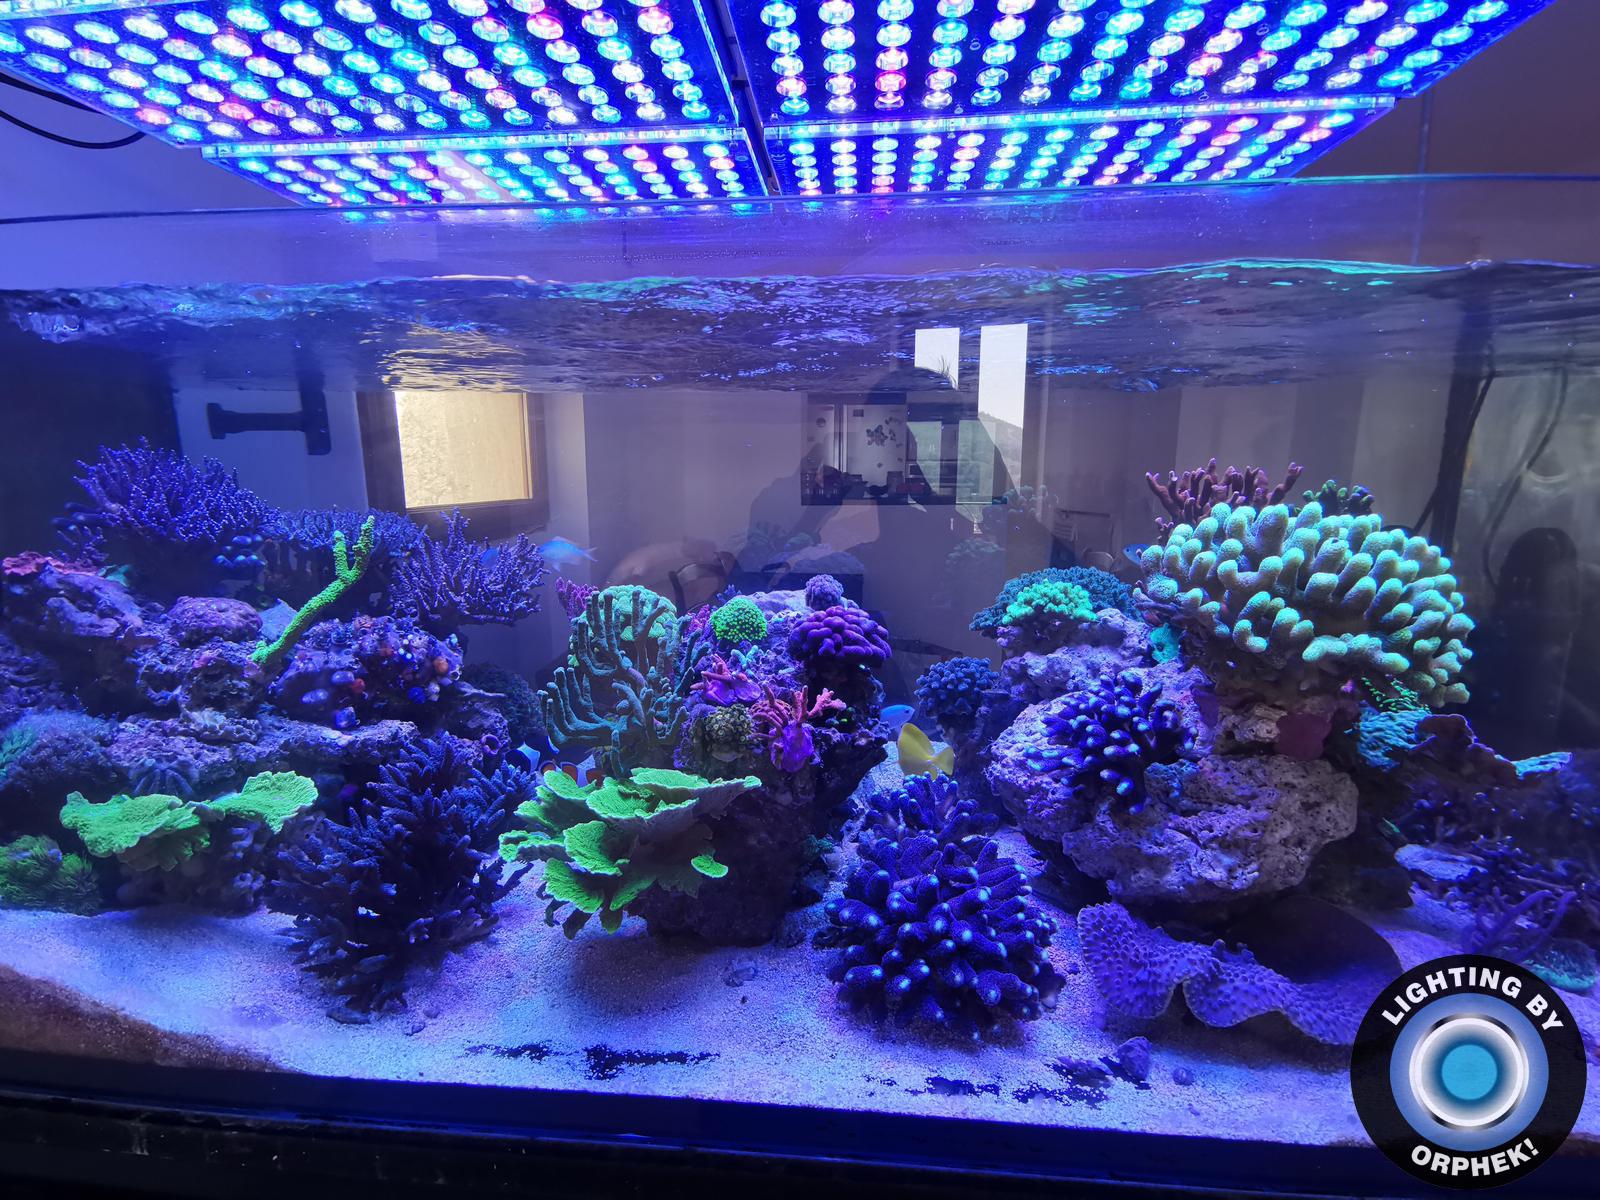 atlantik v4 iluminación del acuario de arrecife más profundo 2020